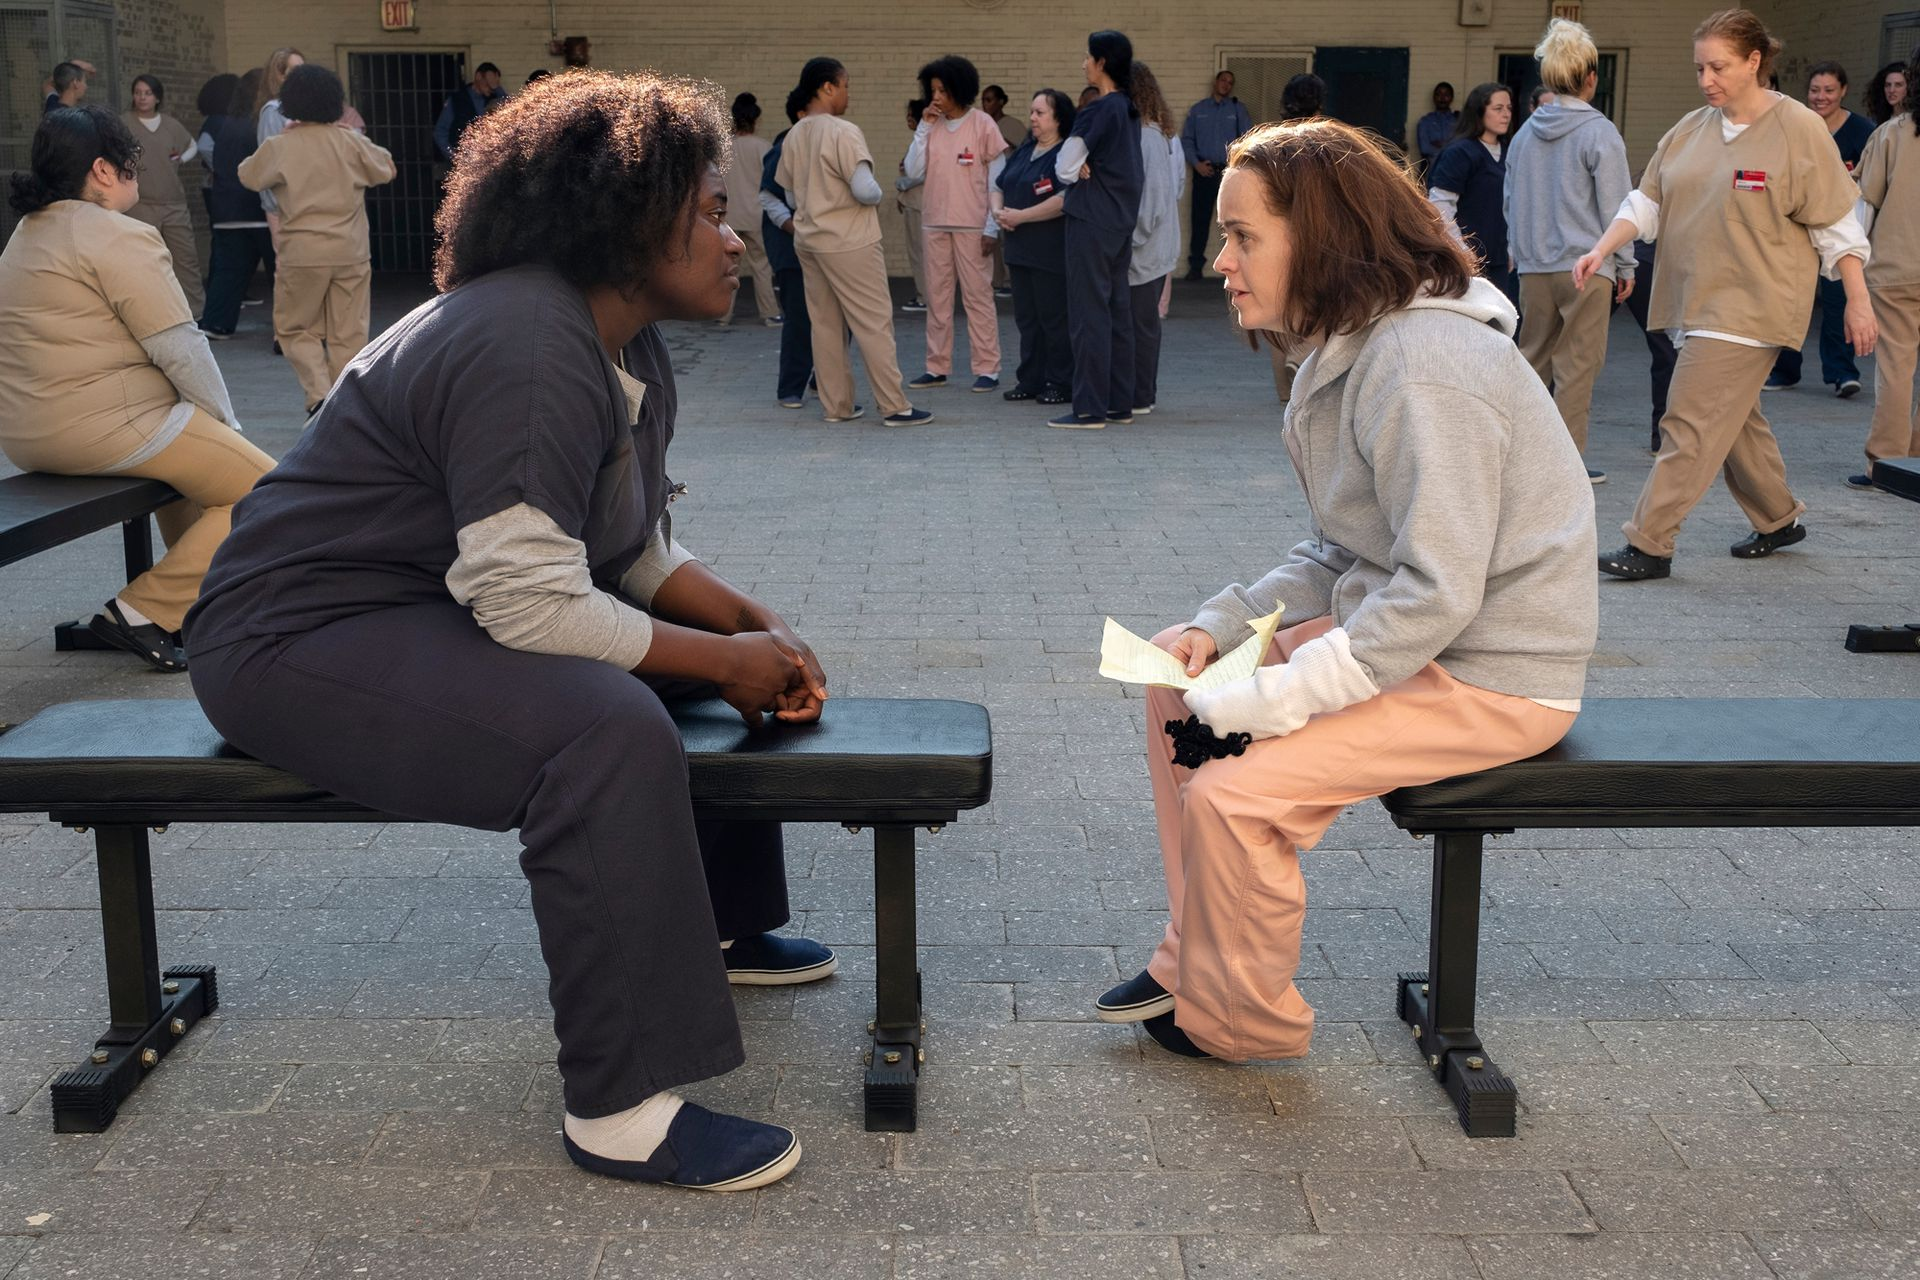 """Taystee (Danielle Brooks) y Penssatucky (Taryn Manning), dos personajes que comenzaron como """"reparto"""" pero cuyas historias se convirtieron en centrales para la historia"""